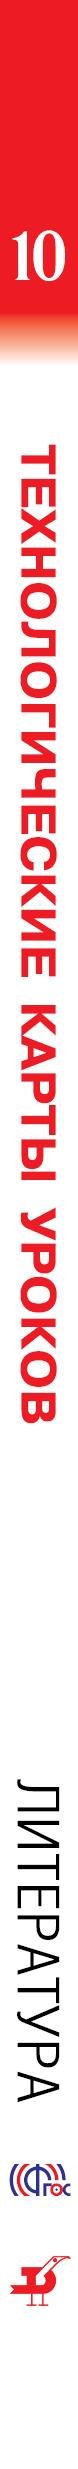 Русский язык и литература. Литература. 10 класс. Базовый уровень. Технологические карты уроков к учебнику под редакцией Т. Ф. Курдюмовой